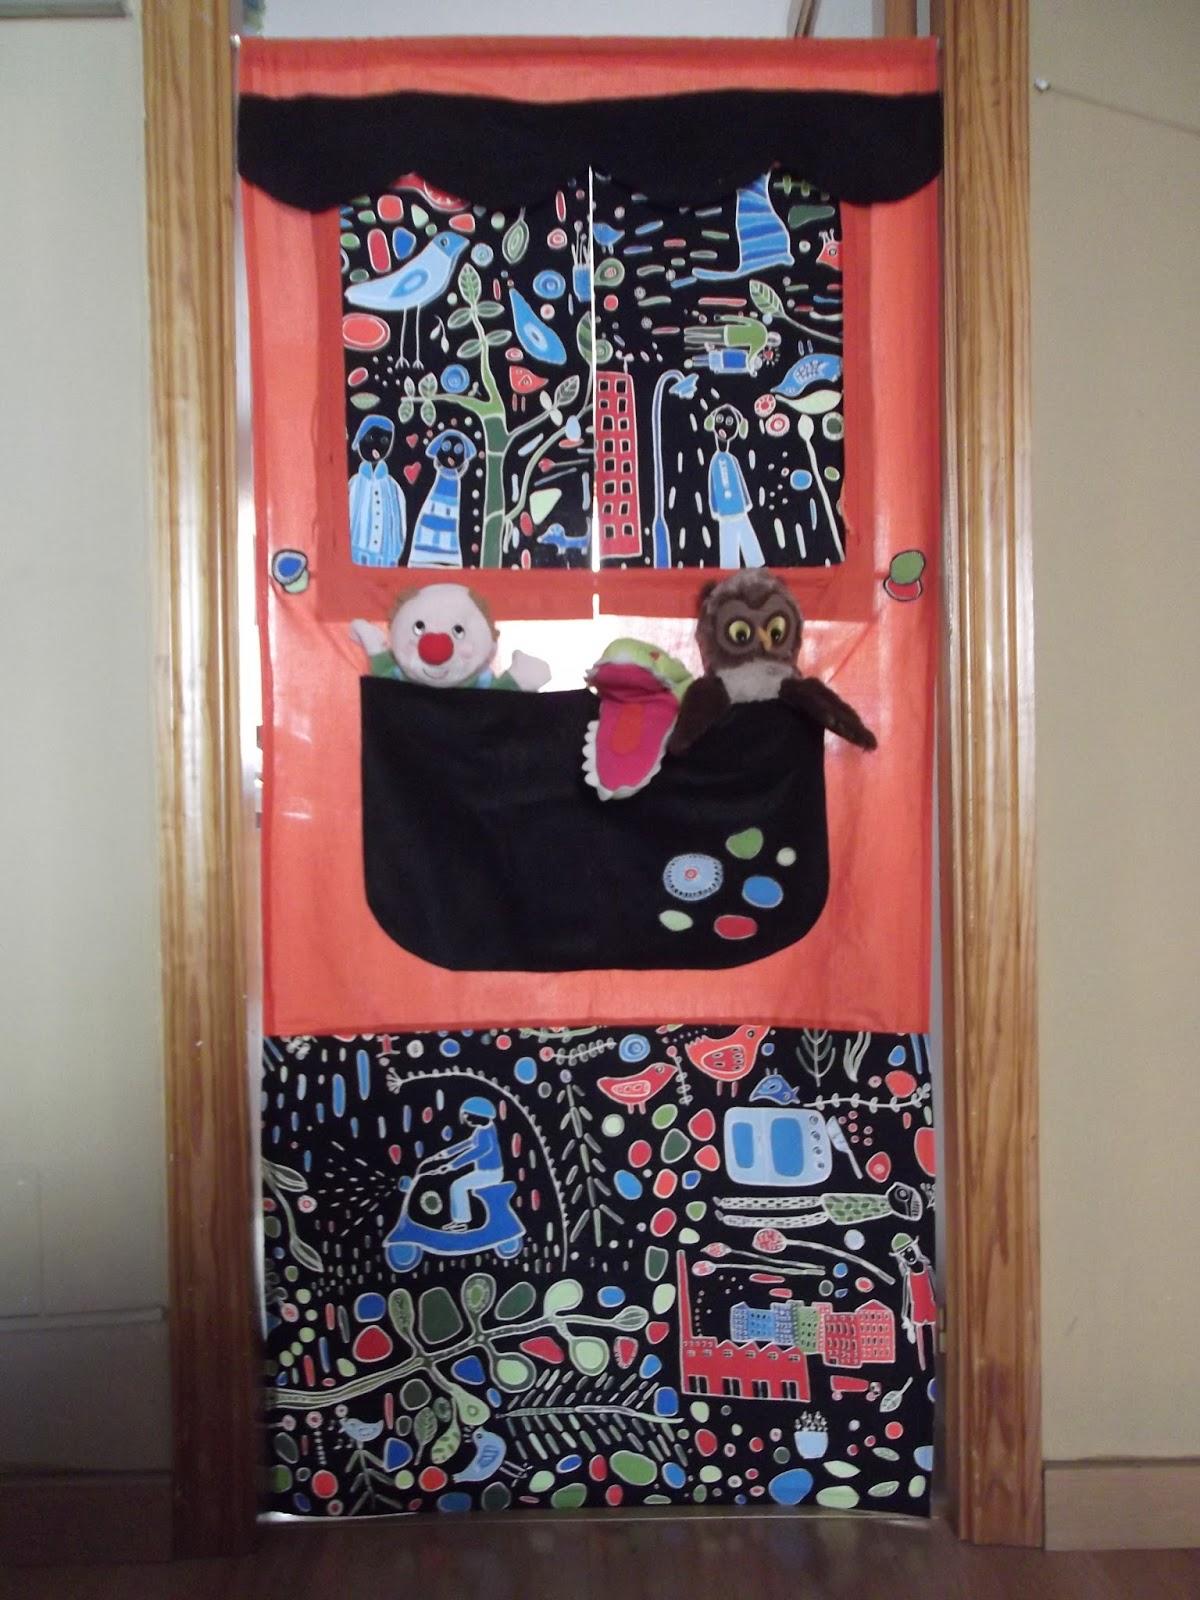 Viernes entre costuras teatro de marionetas para la puerta - Teatro marionetas ikea ...